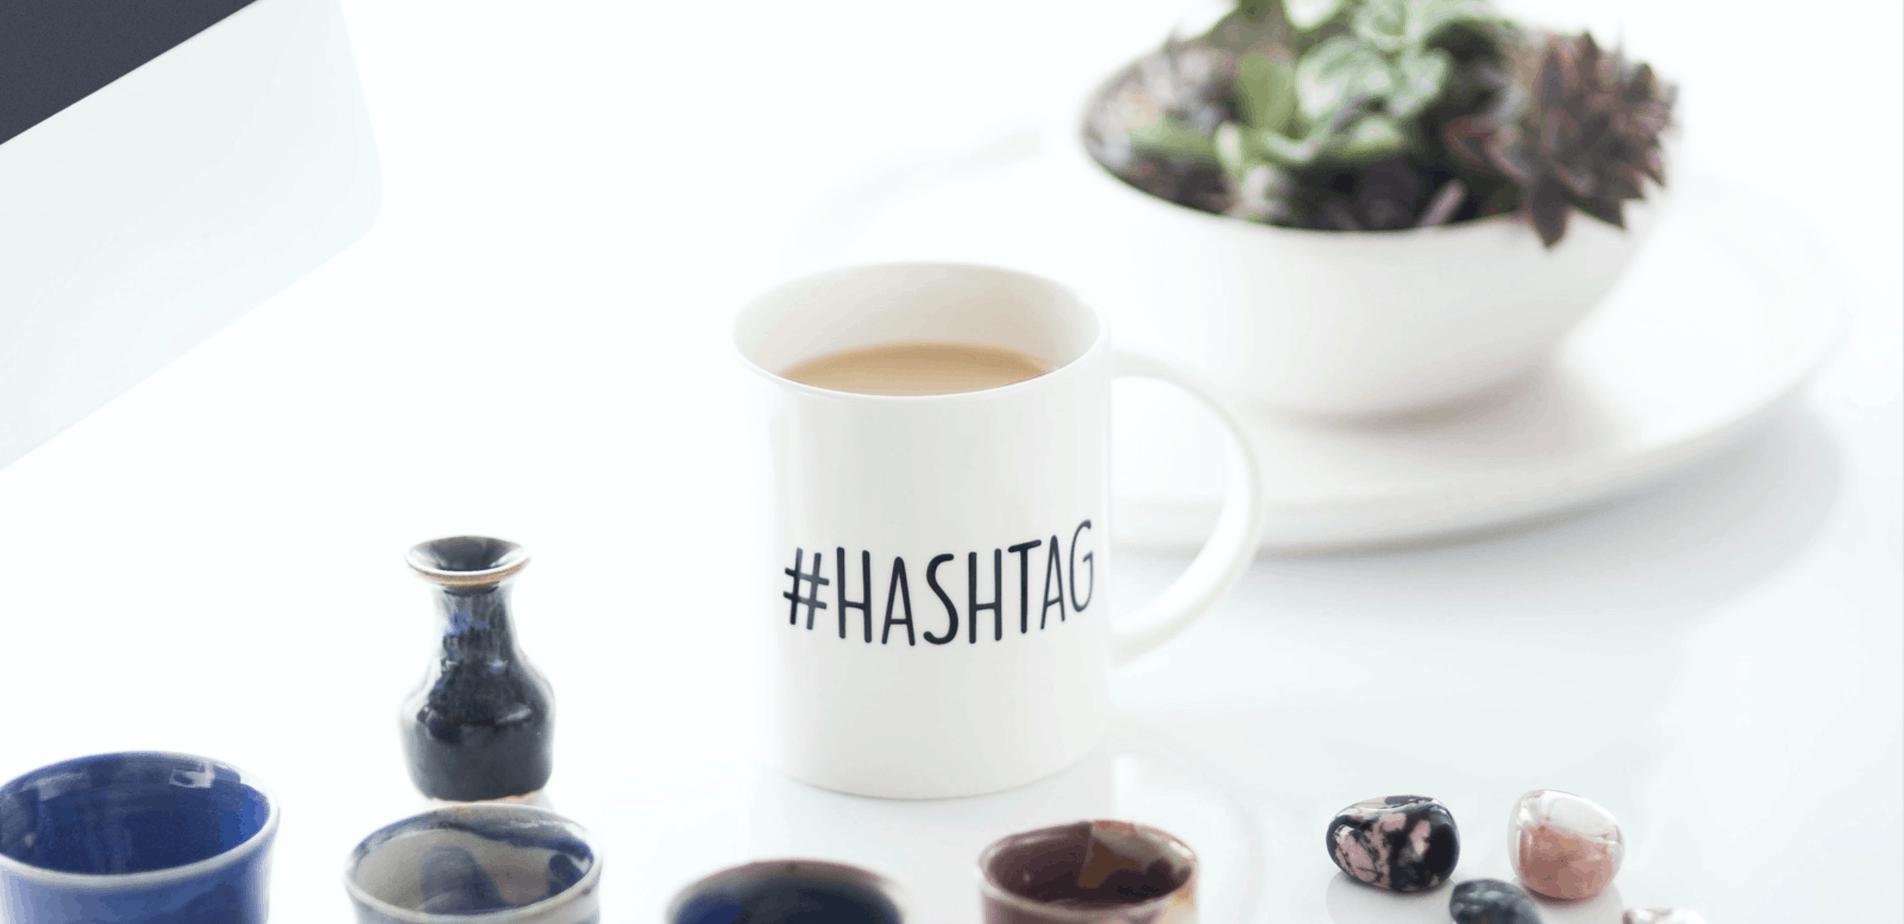 como hacer un estudio de hashtag